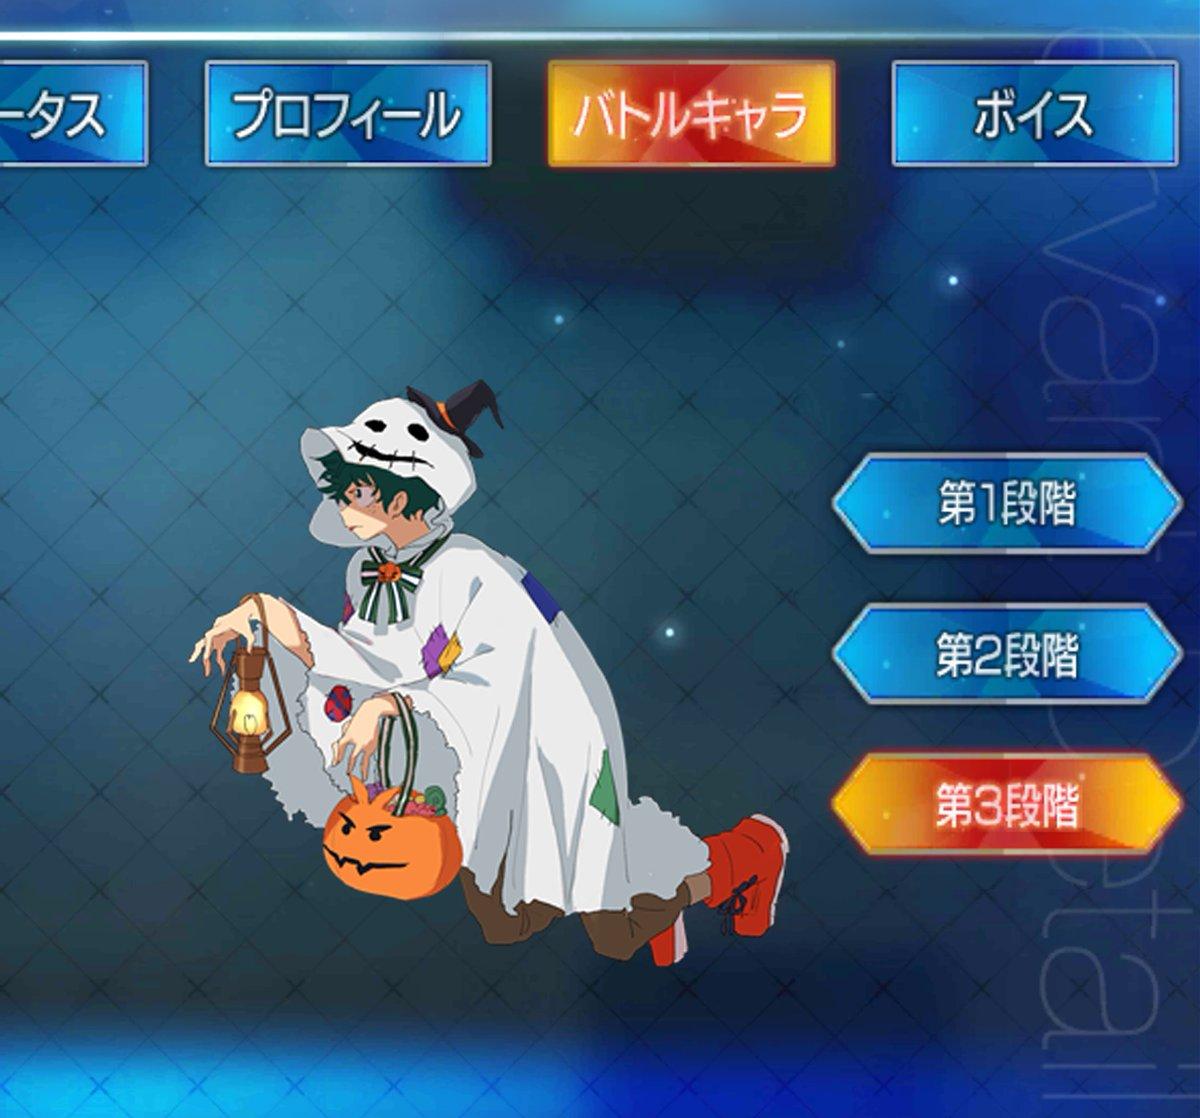 ヒロアカハロウィン衣装で軽率なFGOバトルキャラパロ